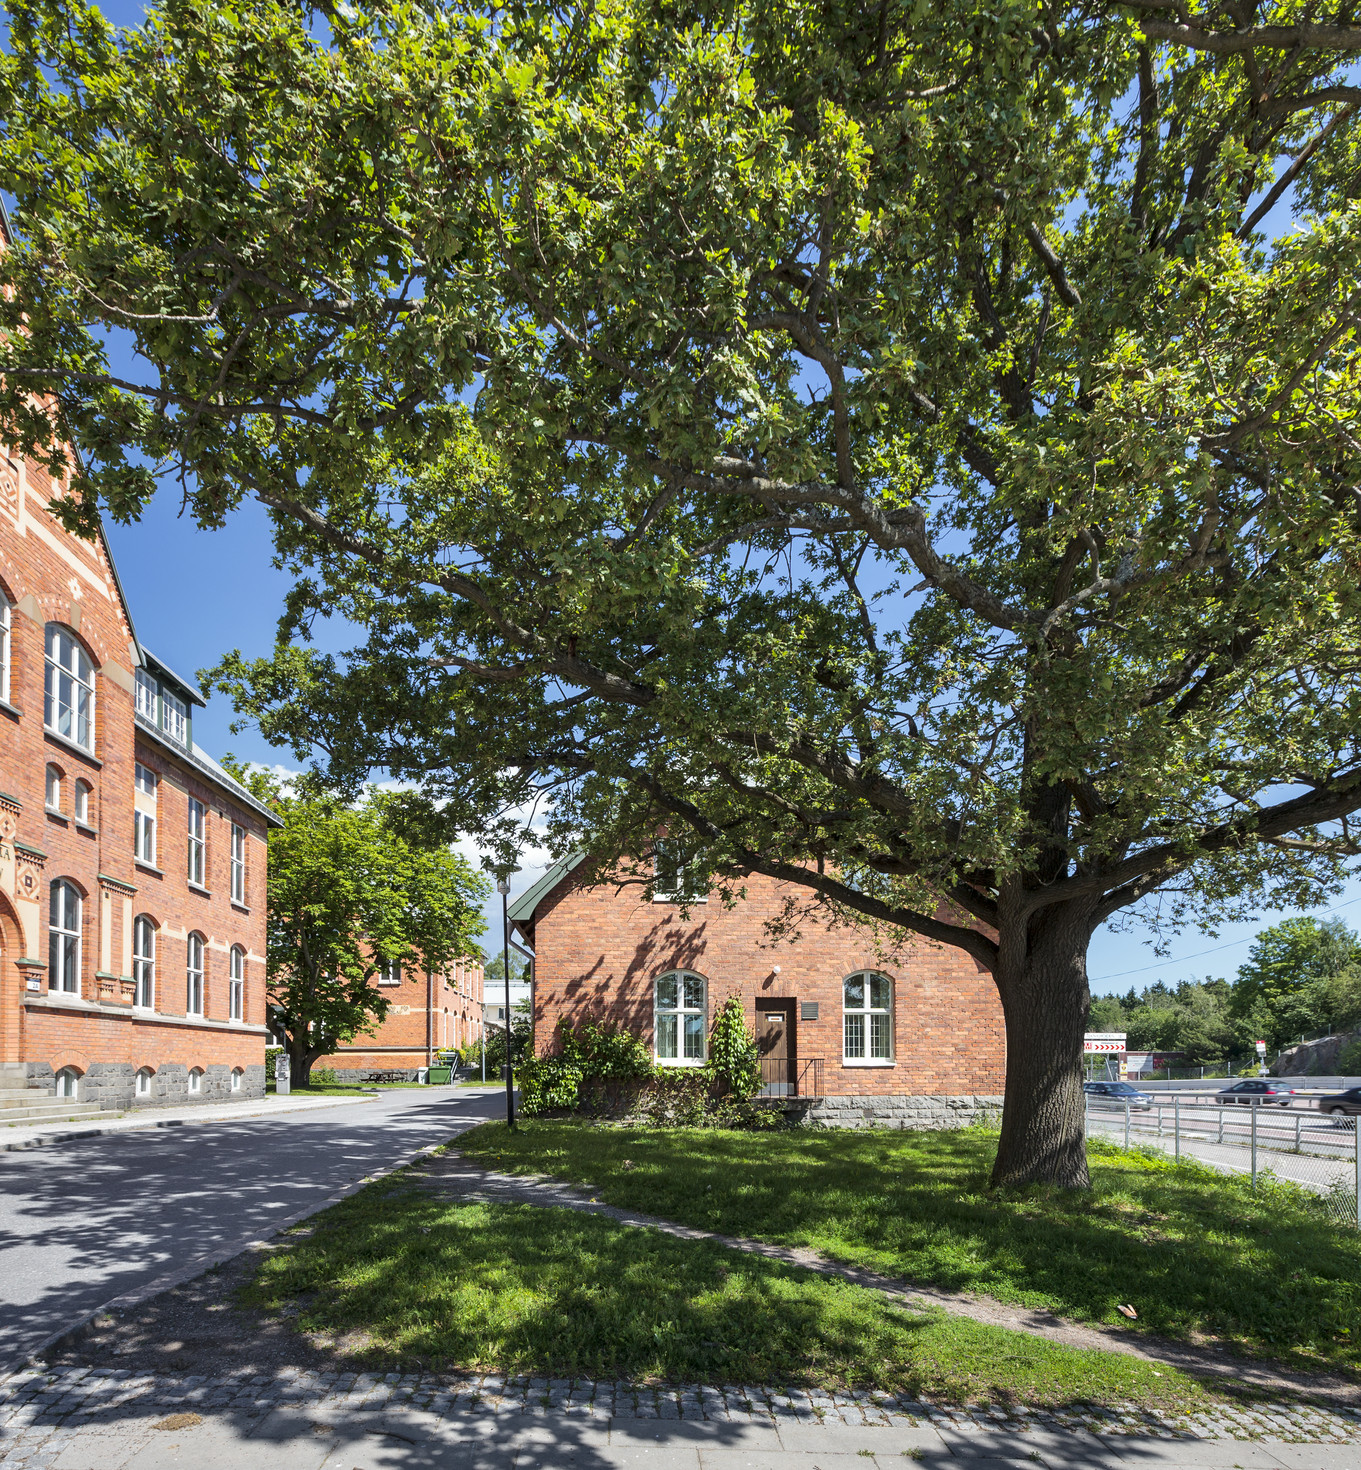 Stockholms universitet, Kräftriket. Tegelfasad och grönska runt om.